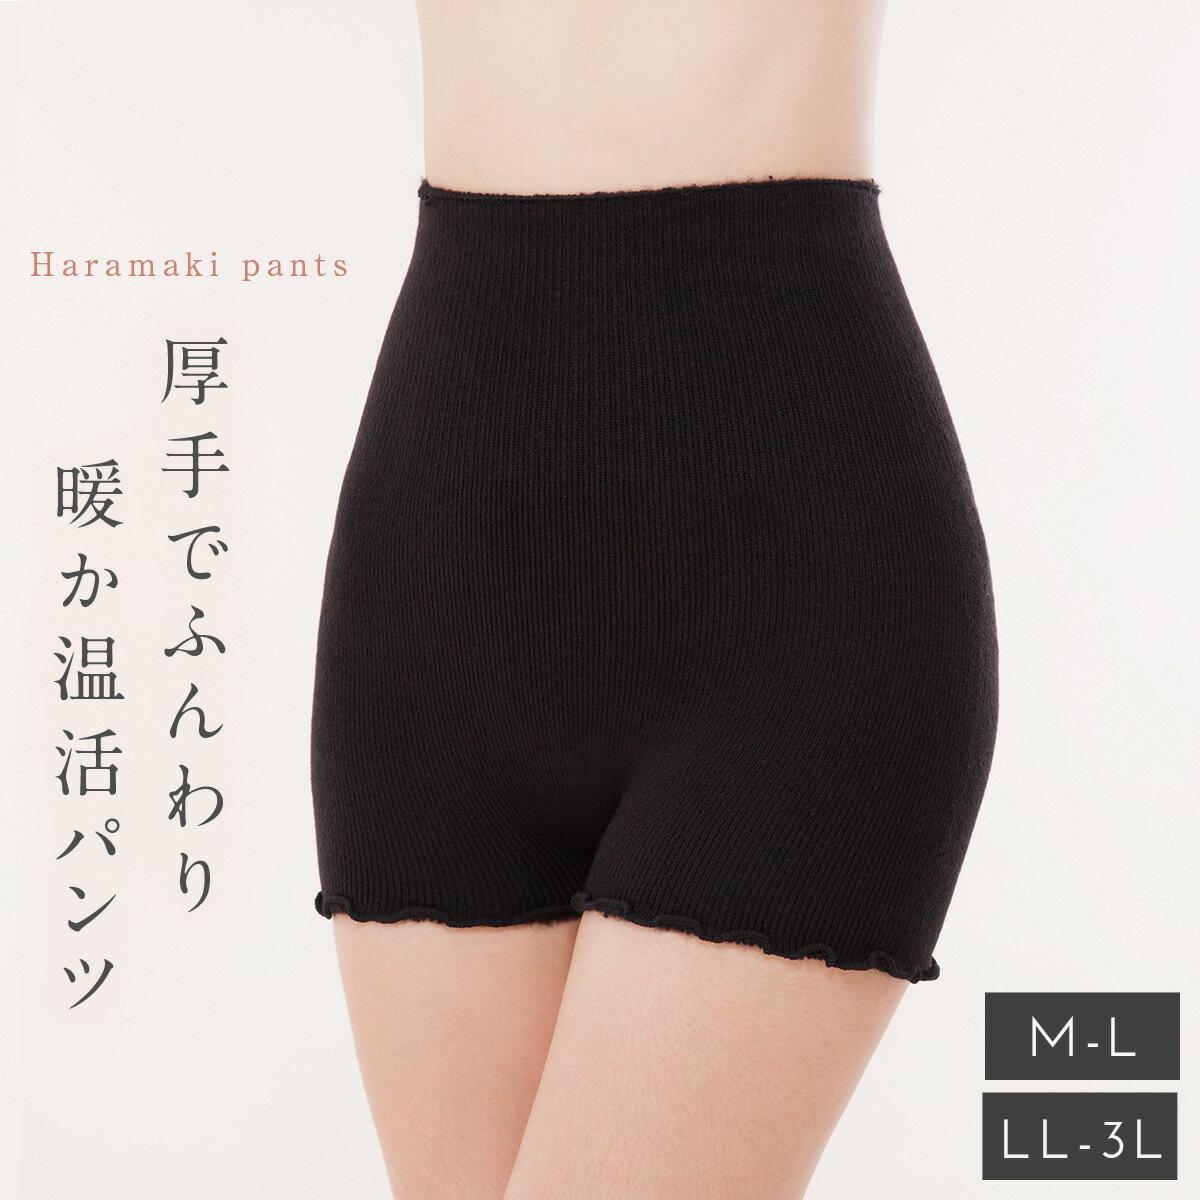 腹巻パンツ レディース 裏起毛あったかパンツ M-3L ブラック レディースファッション